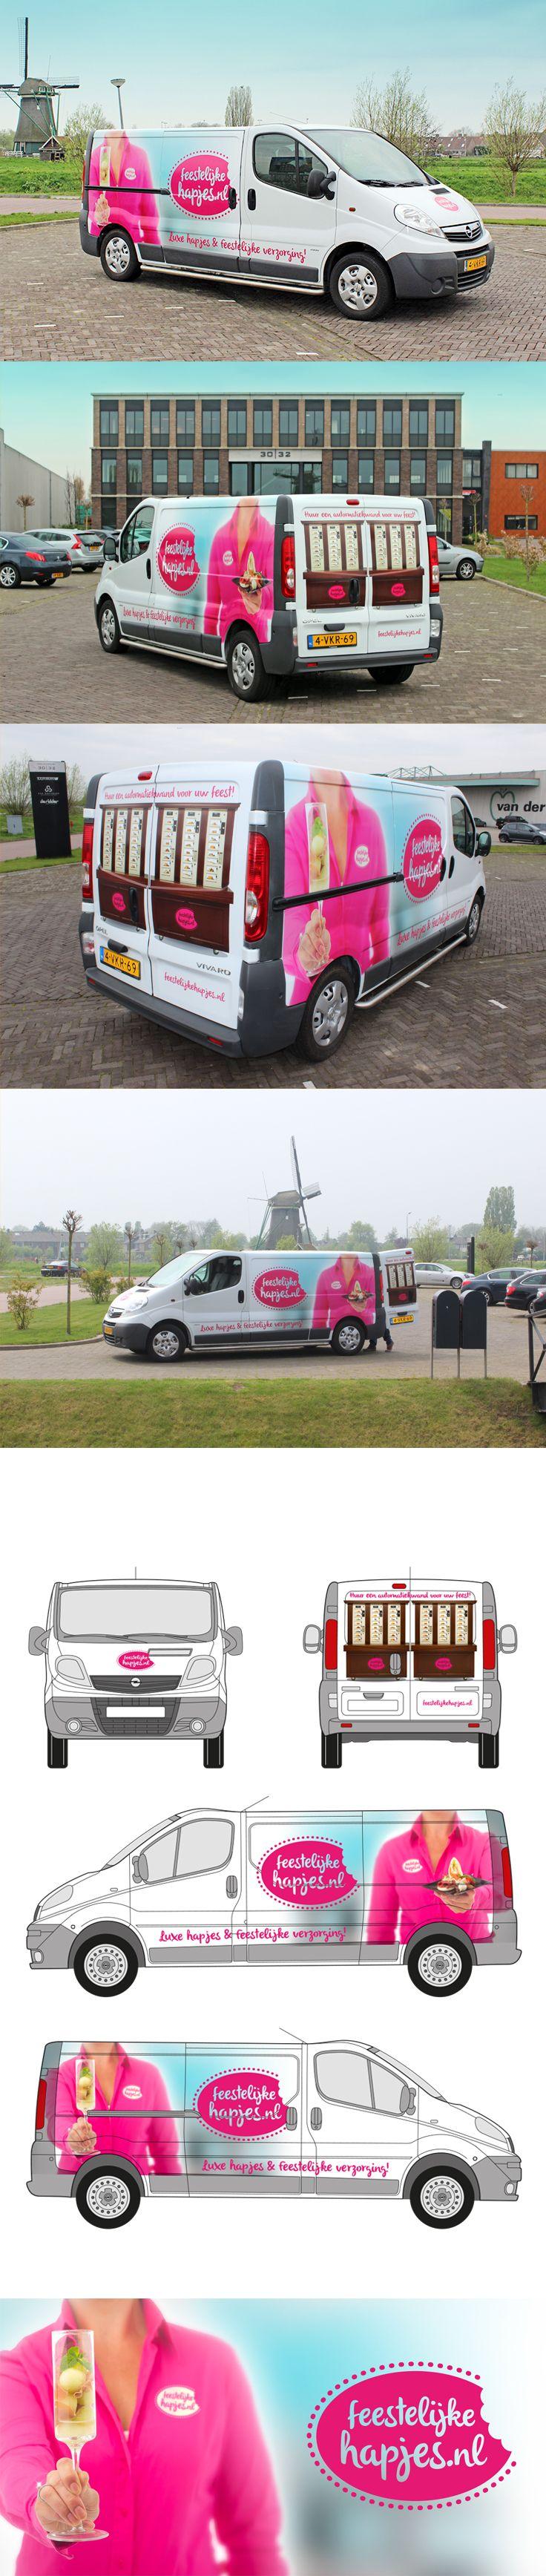 Belettering bedrijfsbus voor FeestelijkeHapjes.nl